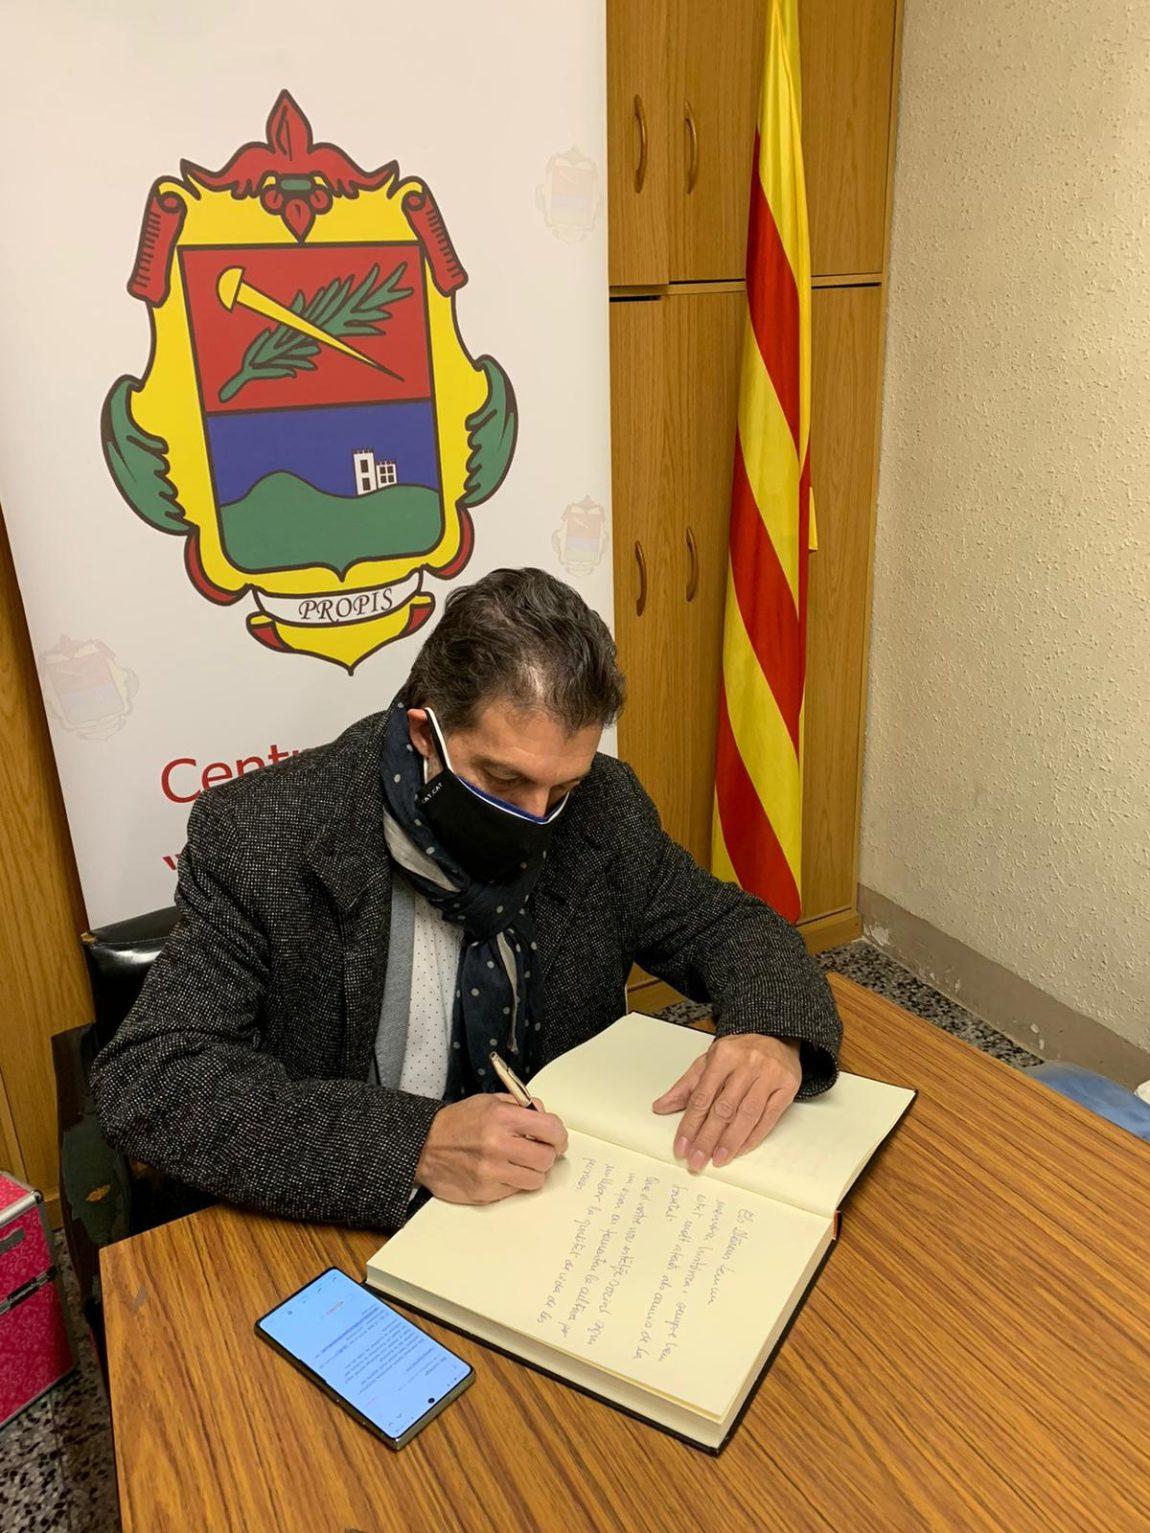 El President de la FAC, Pep Morella assisteix a l'acte de col·locació de la primera pedra del nou local social de l'ateneu Els Propis